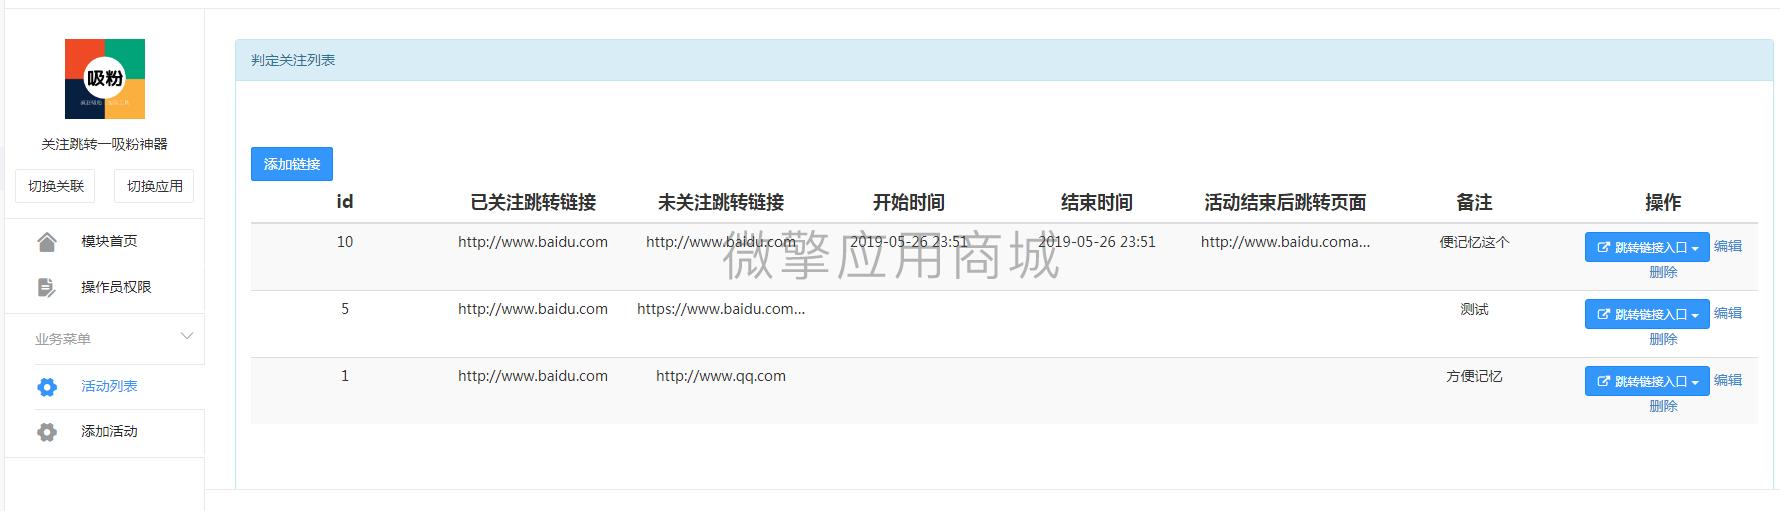 wq模块关注跳转吸粉神器V1.4.7原版-渔枫源码分享网